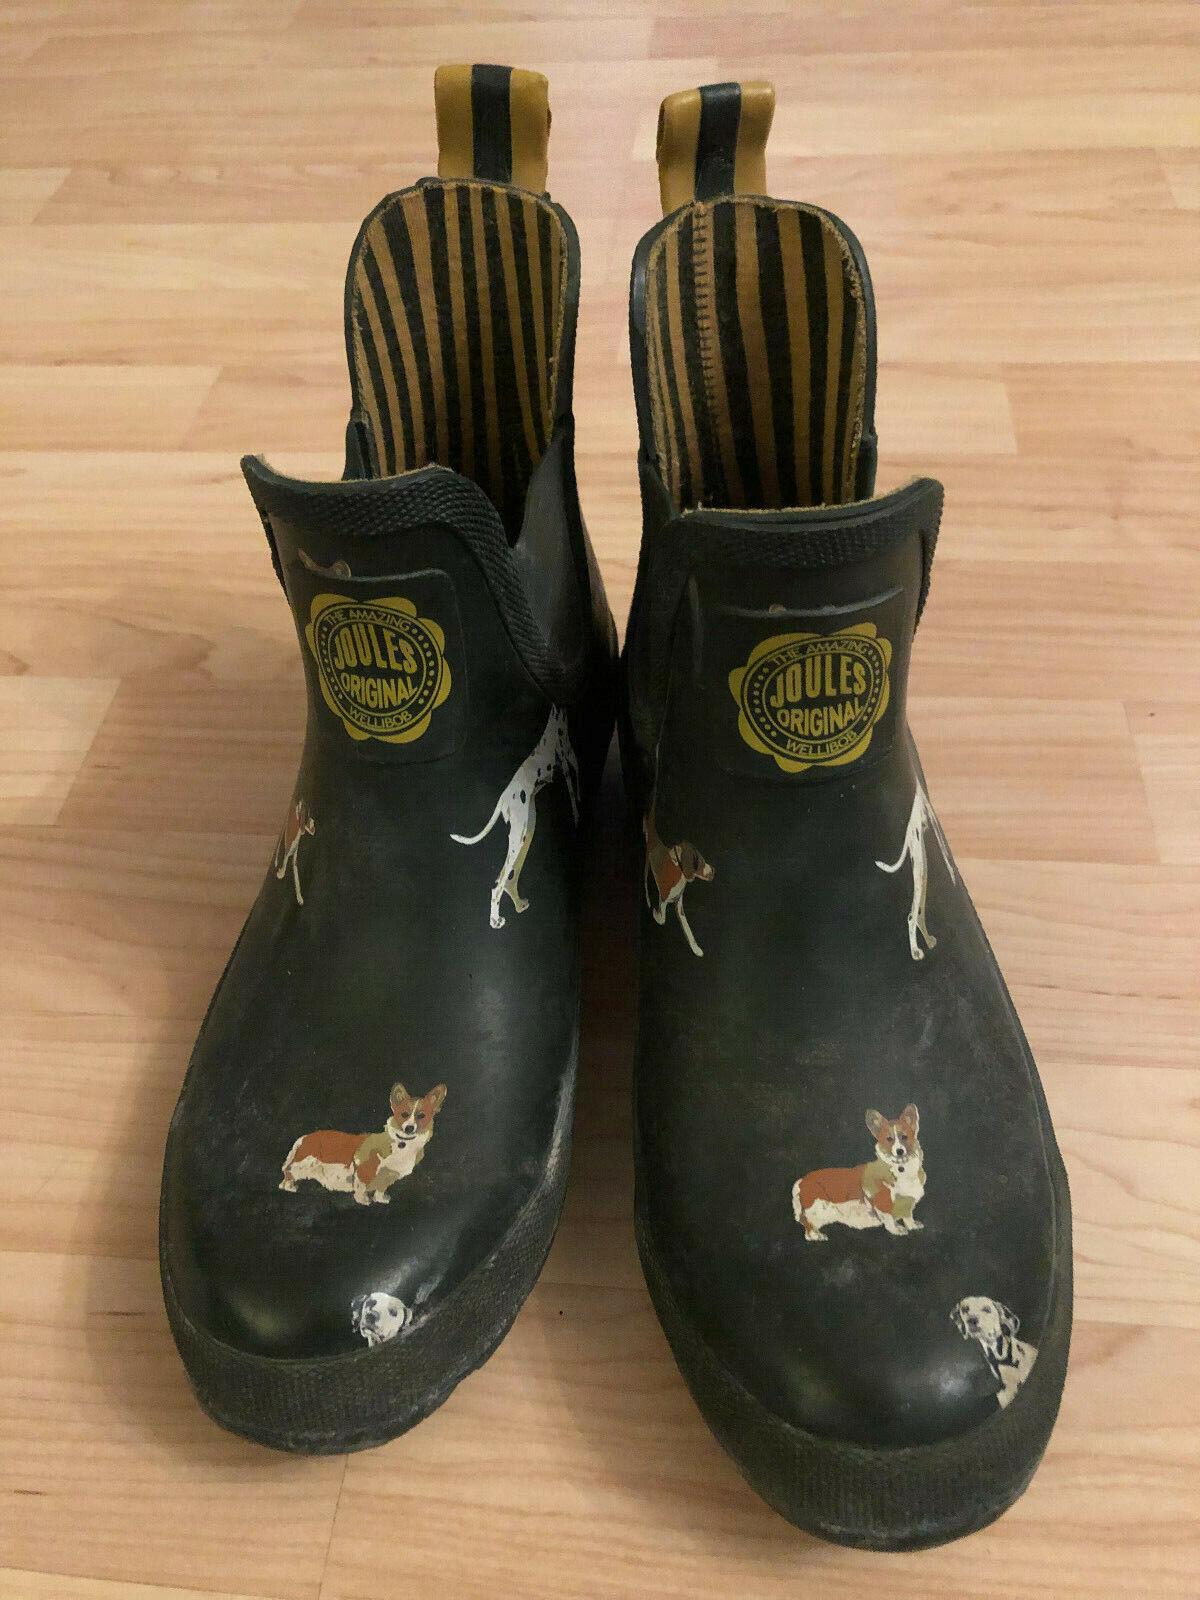 Joules Wellibob Impermeable tirar-en botas de lluvia US 5 Negro Estampado De Corgi perros